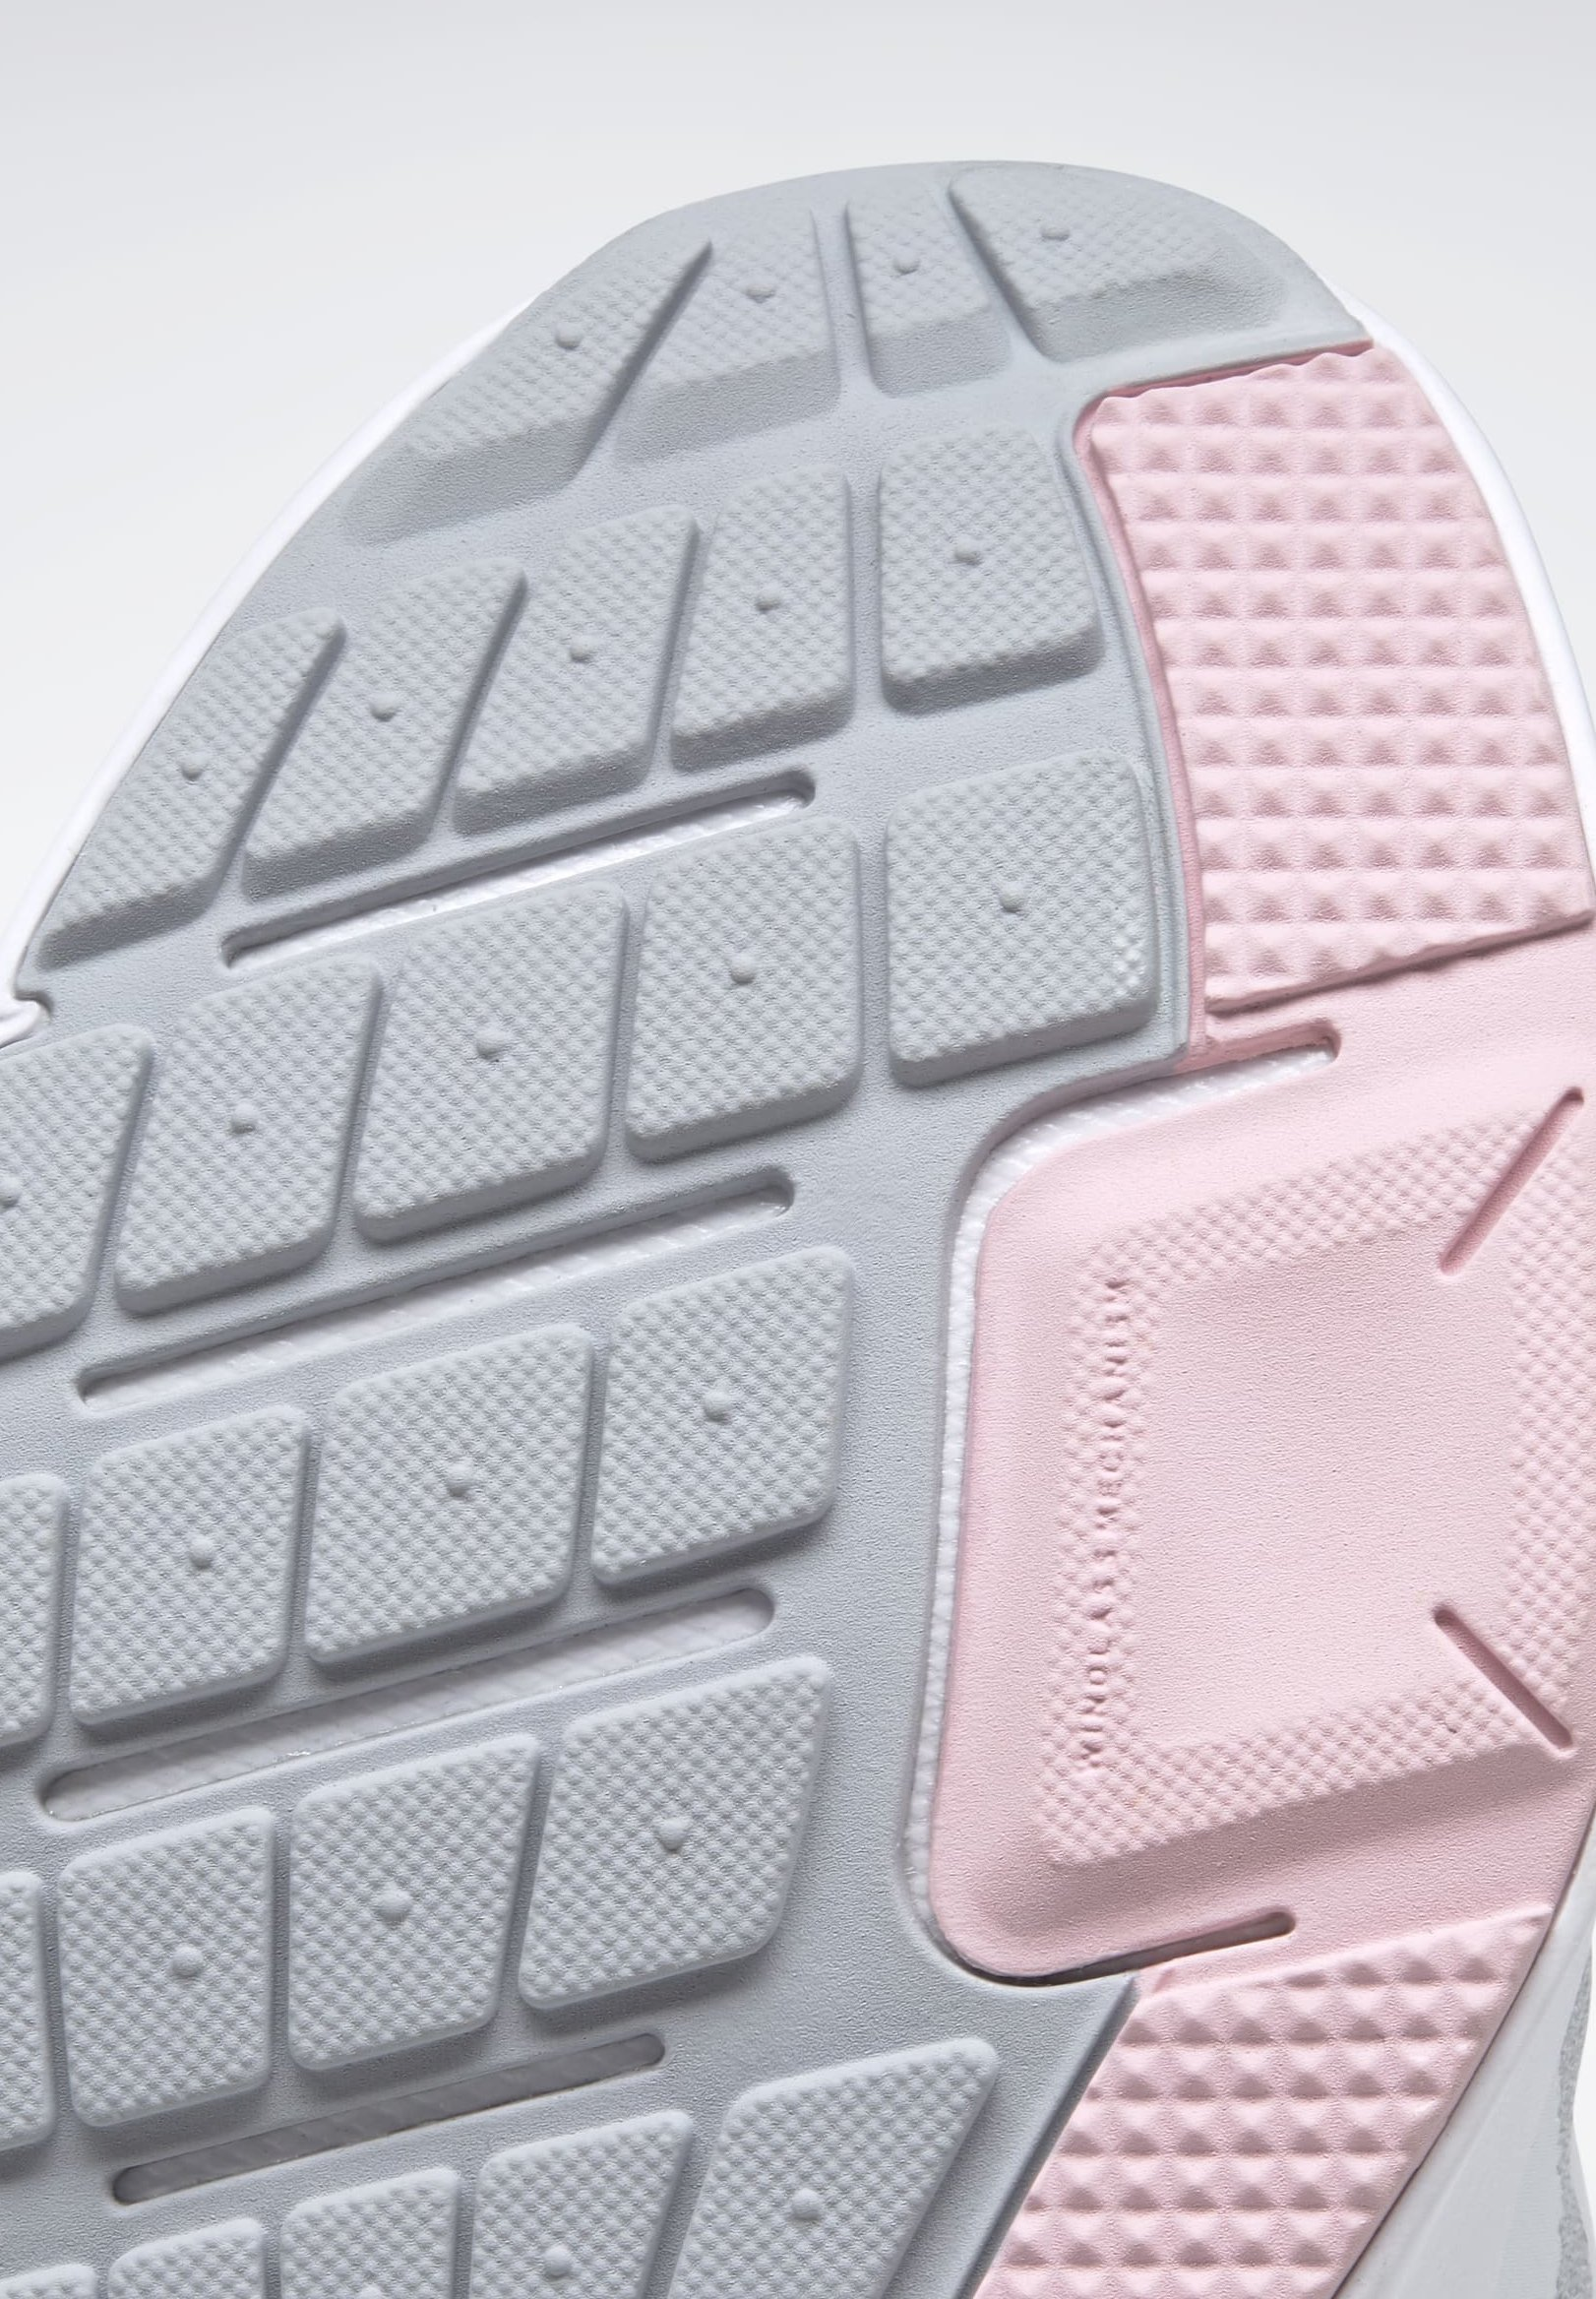 Reebok Runner 4.0 Shoes - Sneakers Laag Grey Goedkope Schoenen